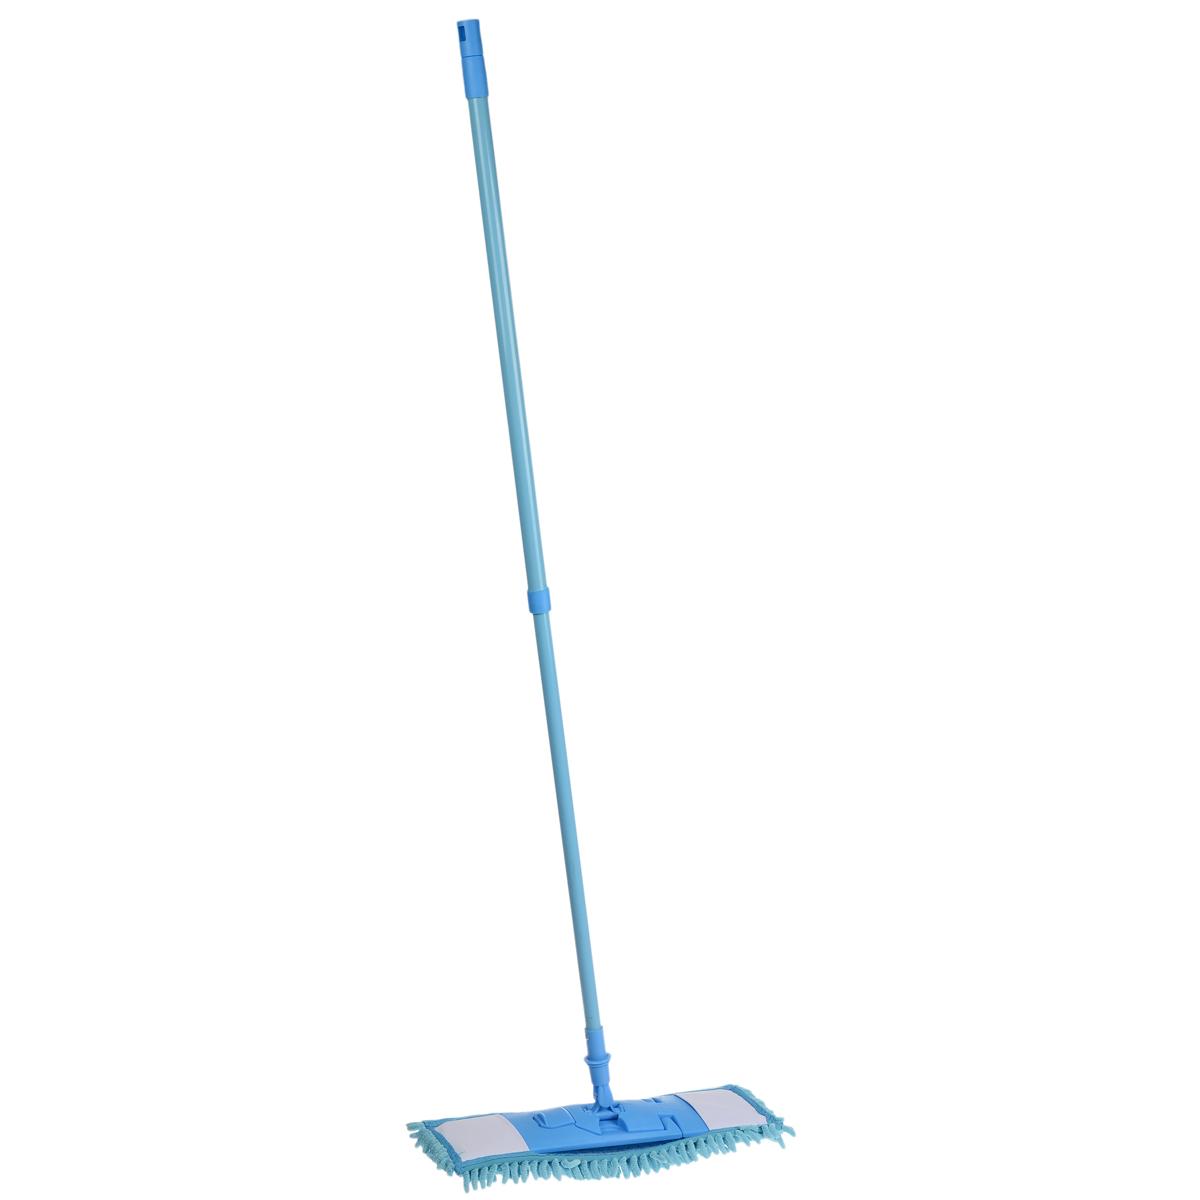 Швабра Home Queen Еврокласс с телескопической ручкой, цвет: голубой, 73-126 см56649_голубойШвабра Home Queen Еврокласс, выполненная из высококачественной стали, полипропилена, полиэстера и полиамида, идеально подходит для мытья всех типов напольных поверхностей: паркет, ламинат, линолеум, кафельная плитка. Материал насадки - шенилл (разновидность микрофибры) обладает высокой износостойкостью, не царапает поверхности и отлично впитывает влагу. Кроме того, сверхтонкое волокно микрофибры состоит из двух полимеров, соединенных в одну нить. Один из полимеров обладает свойством притягивать жирные и маслянистые вещества, таким образом, масло и жир прилипают непосредственно к волокнам насадки, что позволяет во многих случаях не использовать при уборке чистящие средства. Благодаря своей структуре, шенилловая насадка отлично моет углы. Телескопический механизм ручки позволяет выбрать необходимую вам длину, а также сэкономить место при хранении. Насадку можно стирать вручную или в стиральной машине с мягким моющим средством без использования кондиционера и отбеливателя, при температуре 30-40°С без кипячения.Длина ручки: 73-126 см.Размер насадки: 43 х 16 х 3 см.